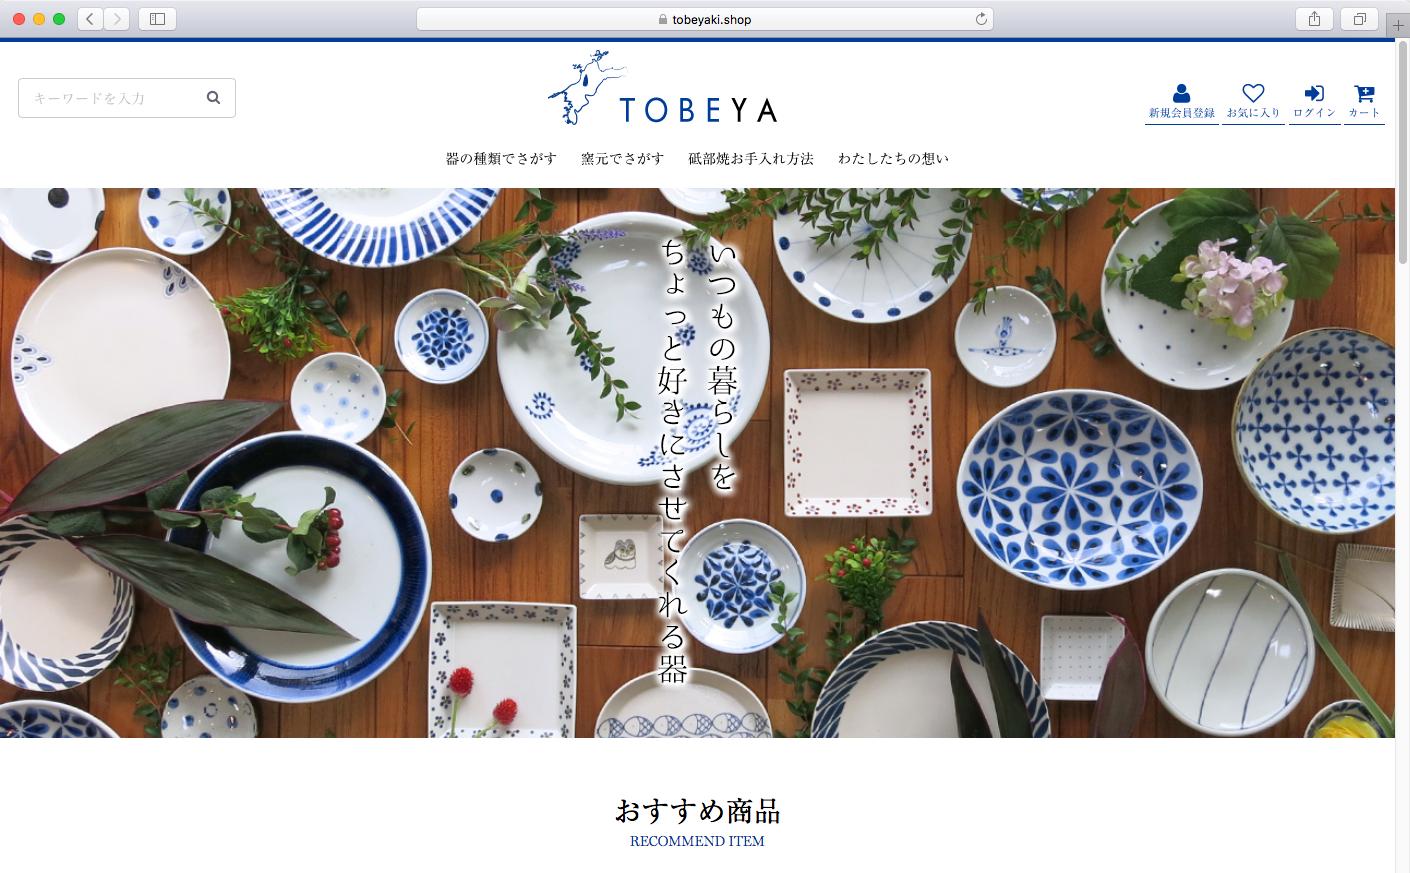 砥部焼専門ネットショップ「TOBEYA」をはじめました